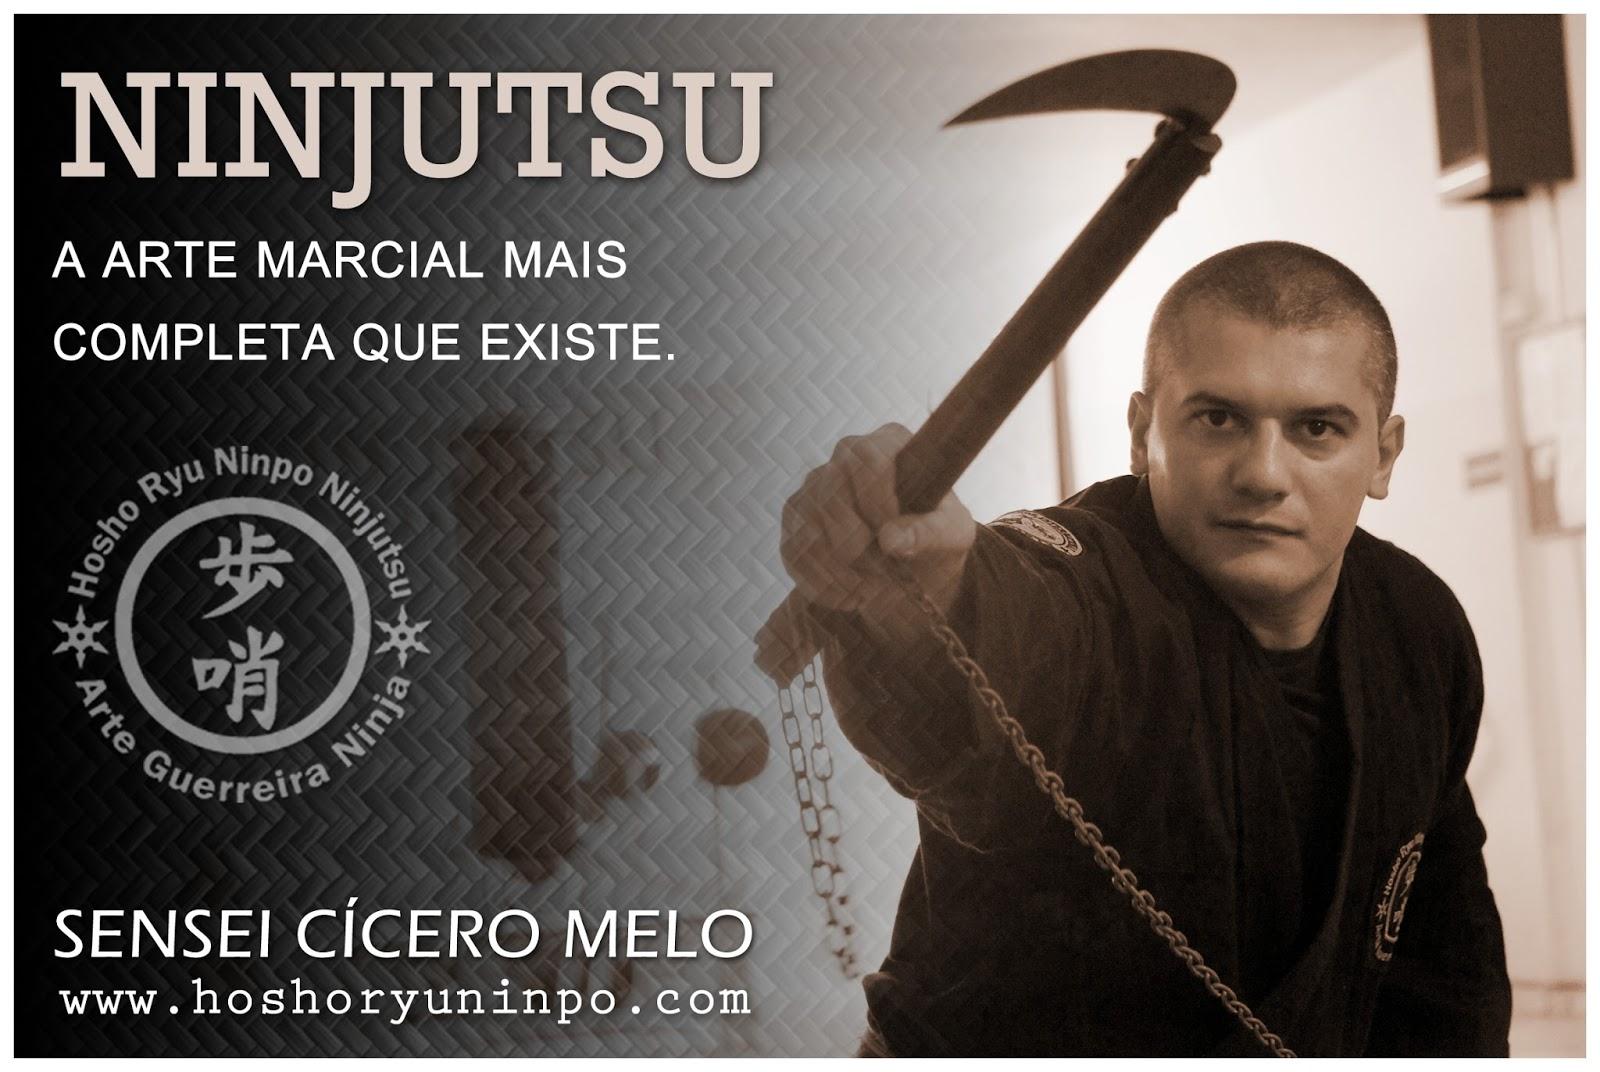 SENSEI CÍCERO MELO - NINJUTSU - DEFESA PESSOAL